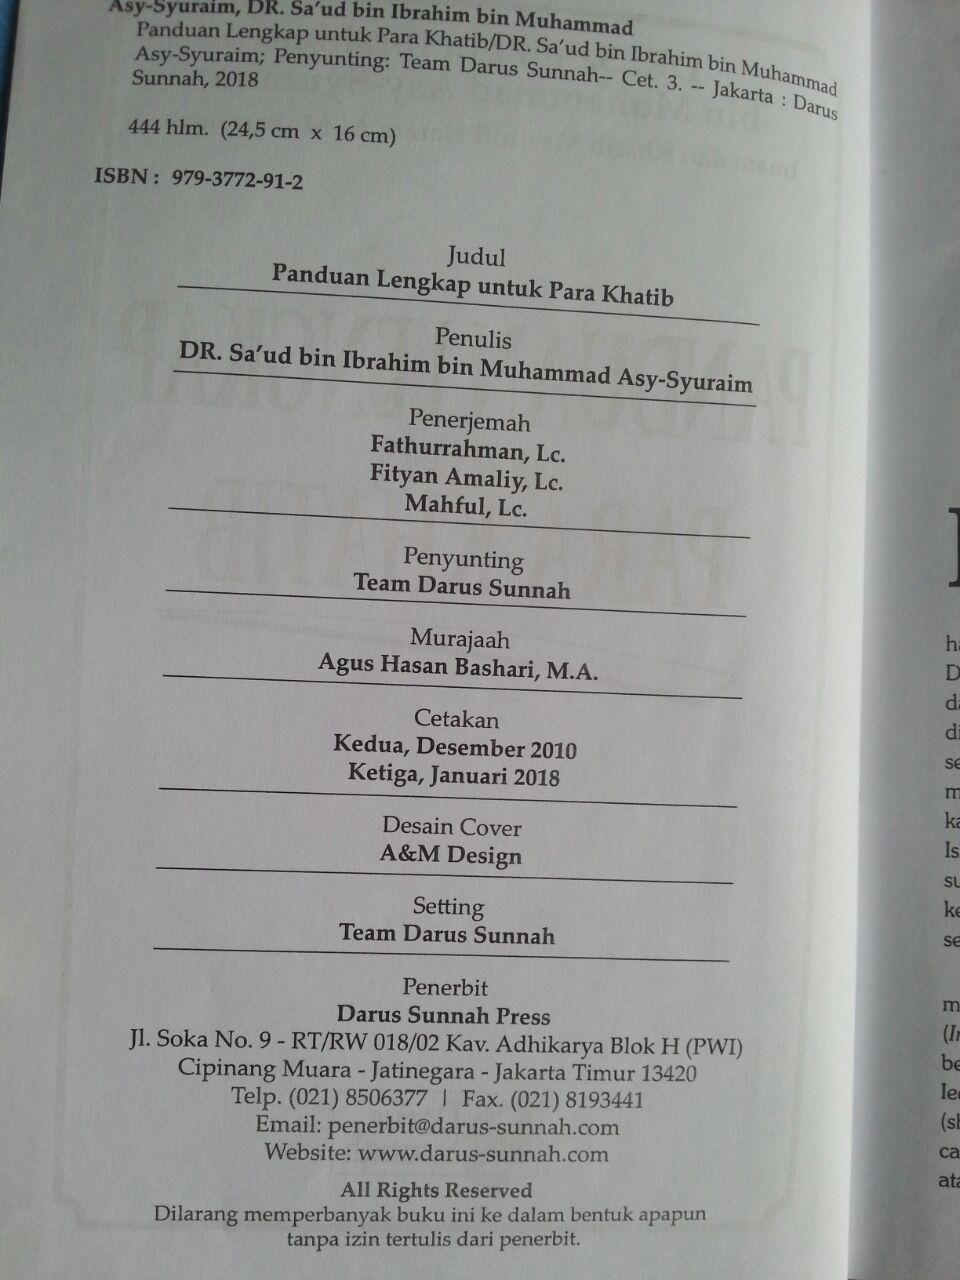 Buku Panduan Lengkap Untuk Para Khatib isi